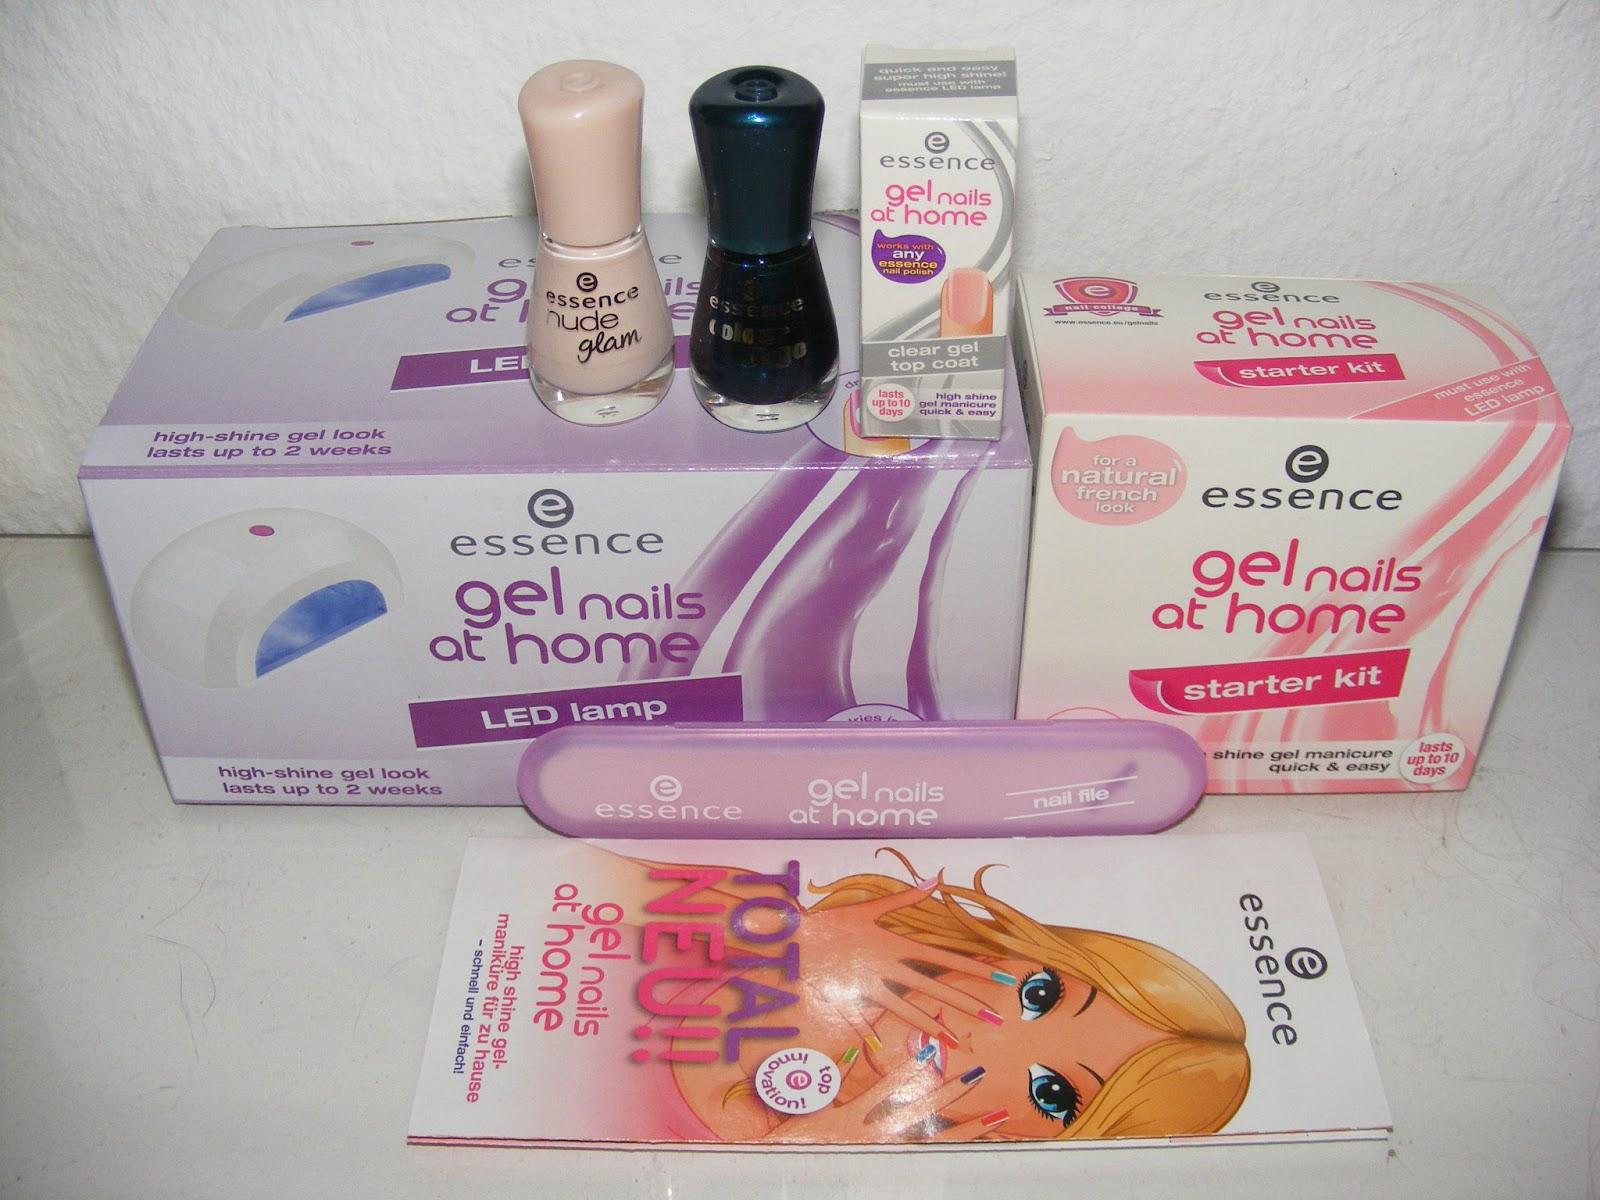 bibas b tises produkttest essence gel nails at home. Black Bedroom Furniture Sets. Home Design Ideas